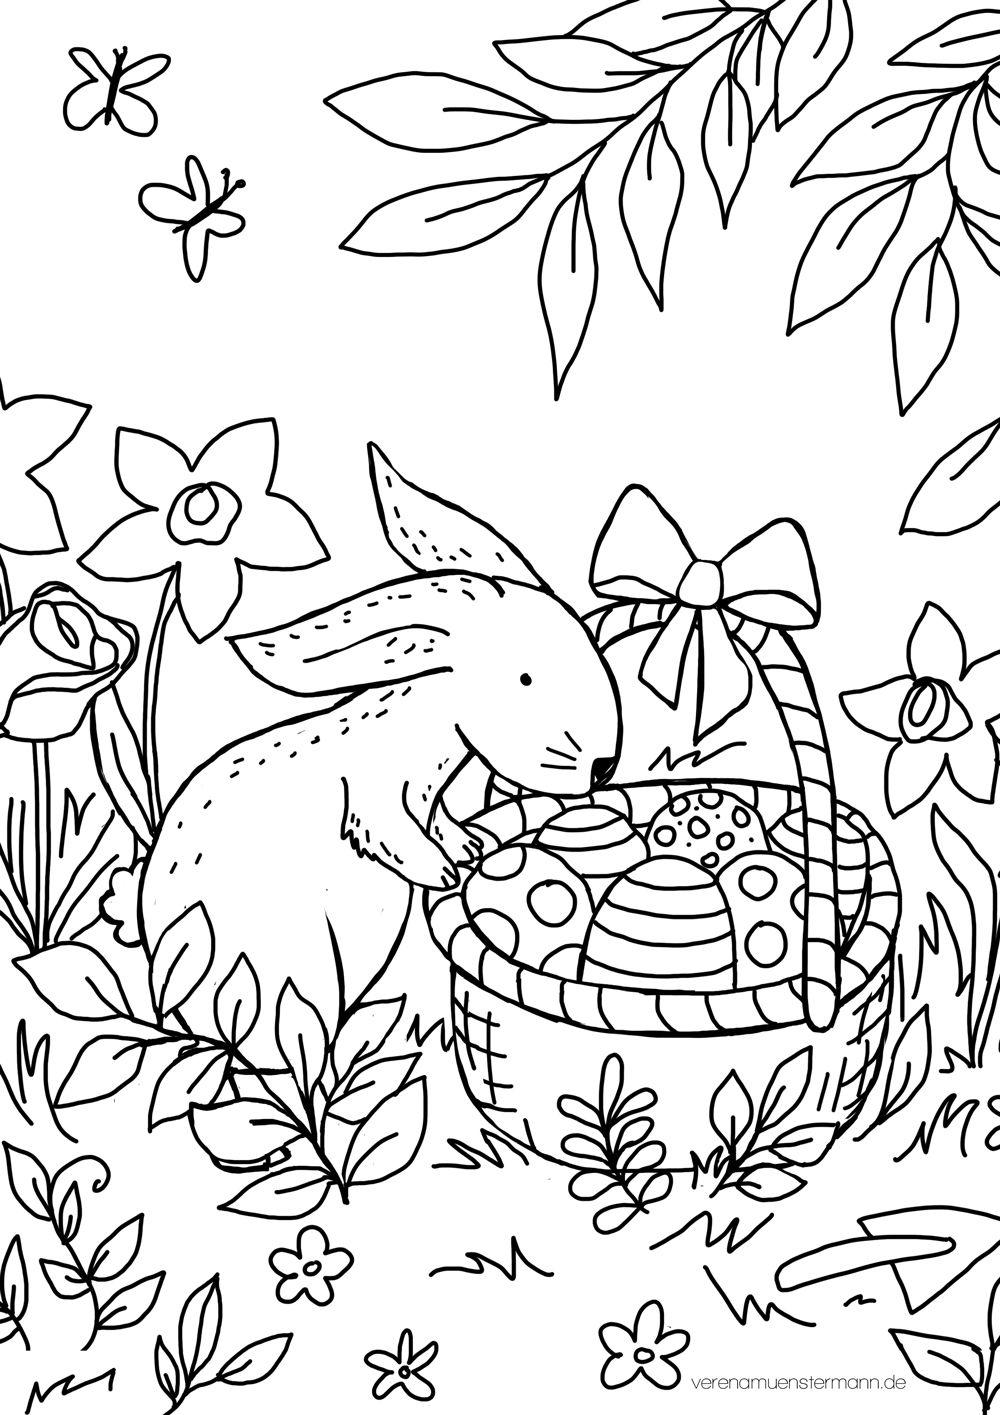 Freebie Ausmalbild Ostern Verenamuenstermann Ausmalbilder Ostern Ausmalen Weihnachtsmalvorlagen